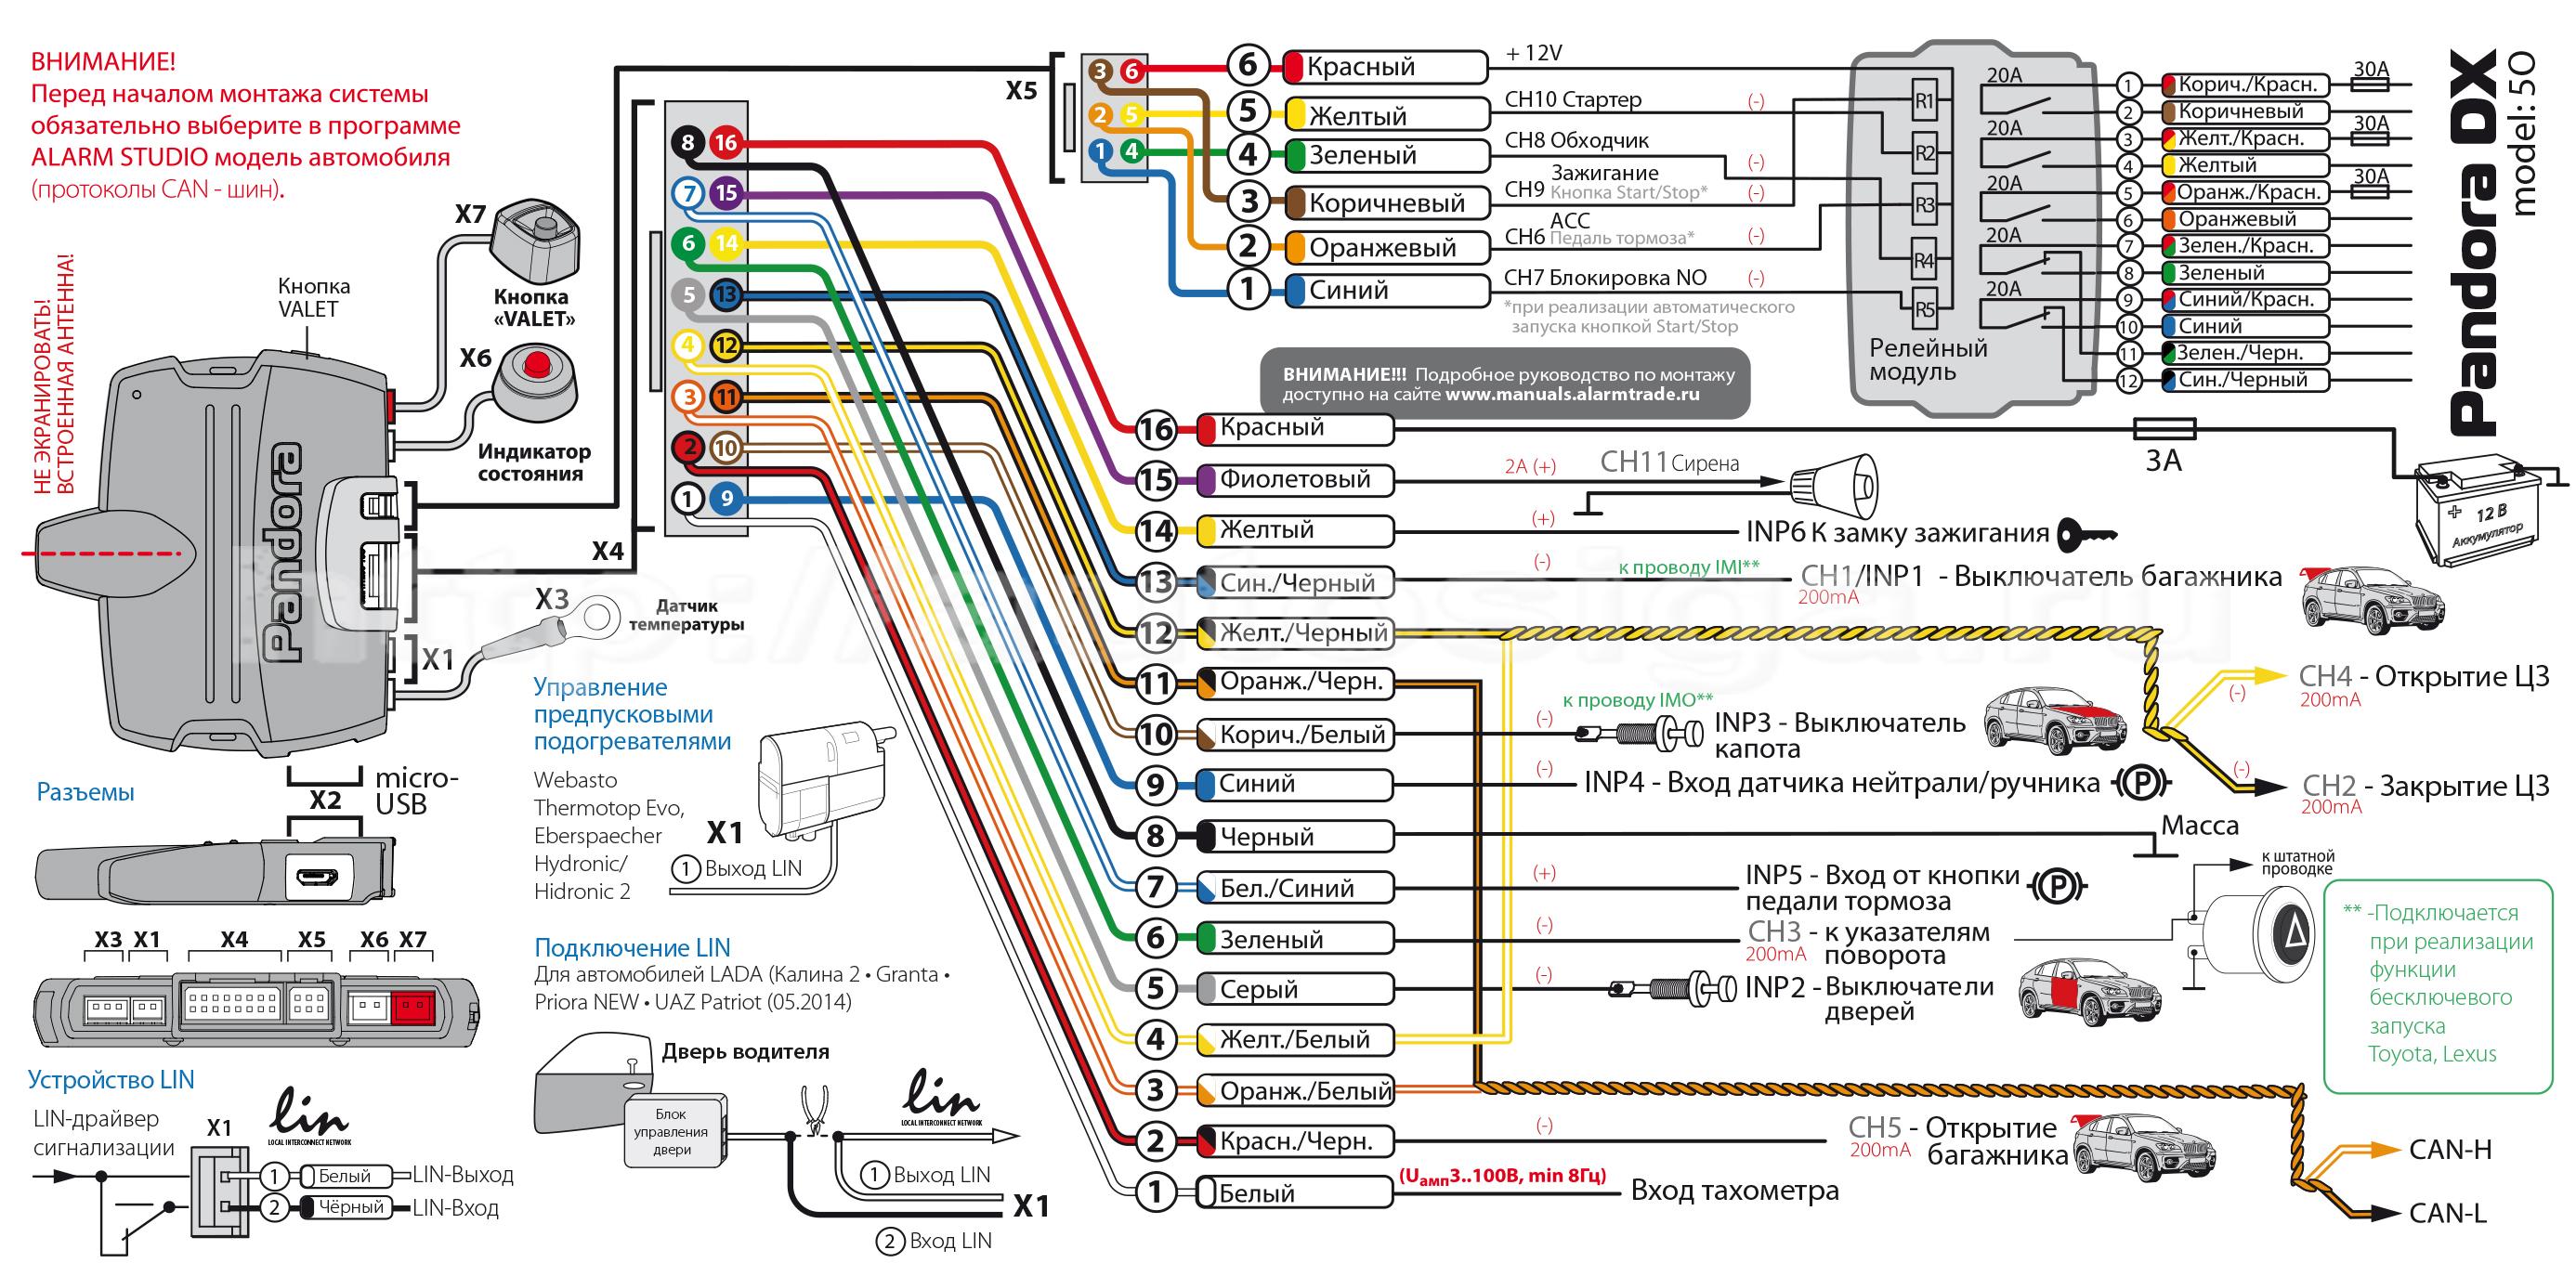 Схема подключения сигнализации пандора 3210